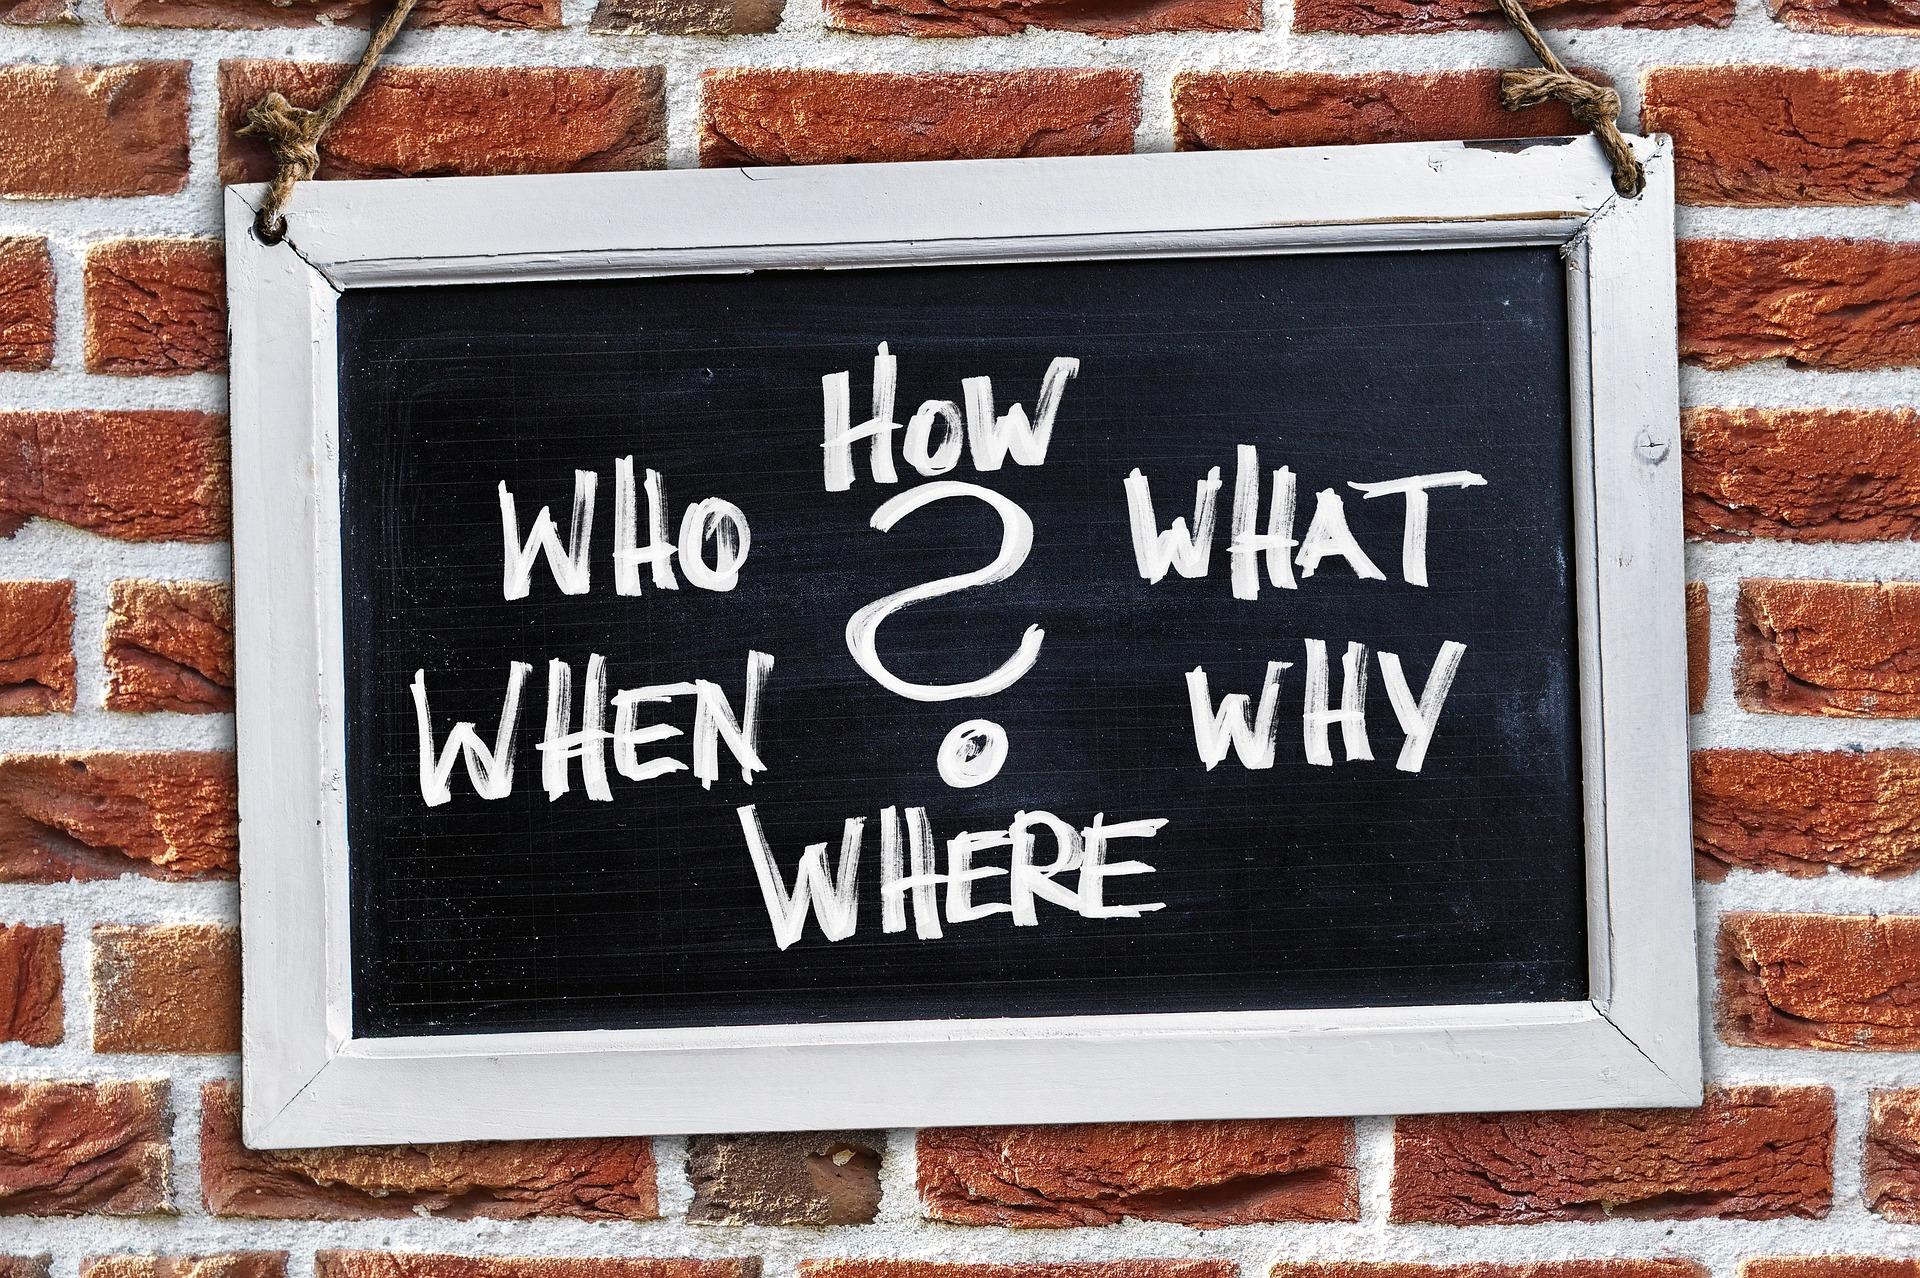 Teams, SharePoint eller Outlook - Hva skal vi bruke når?